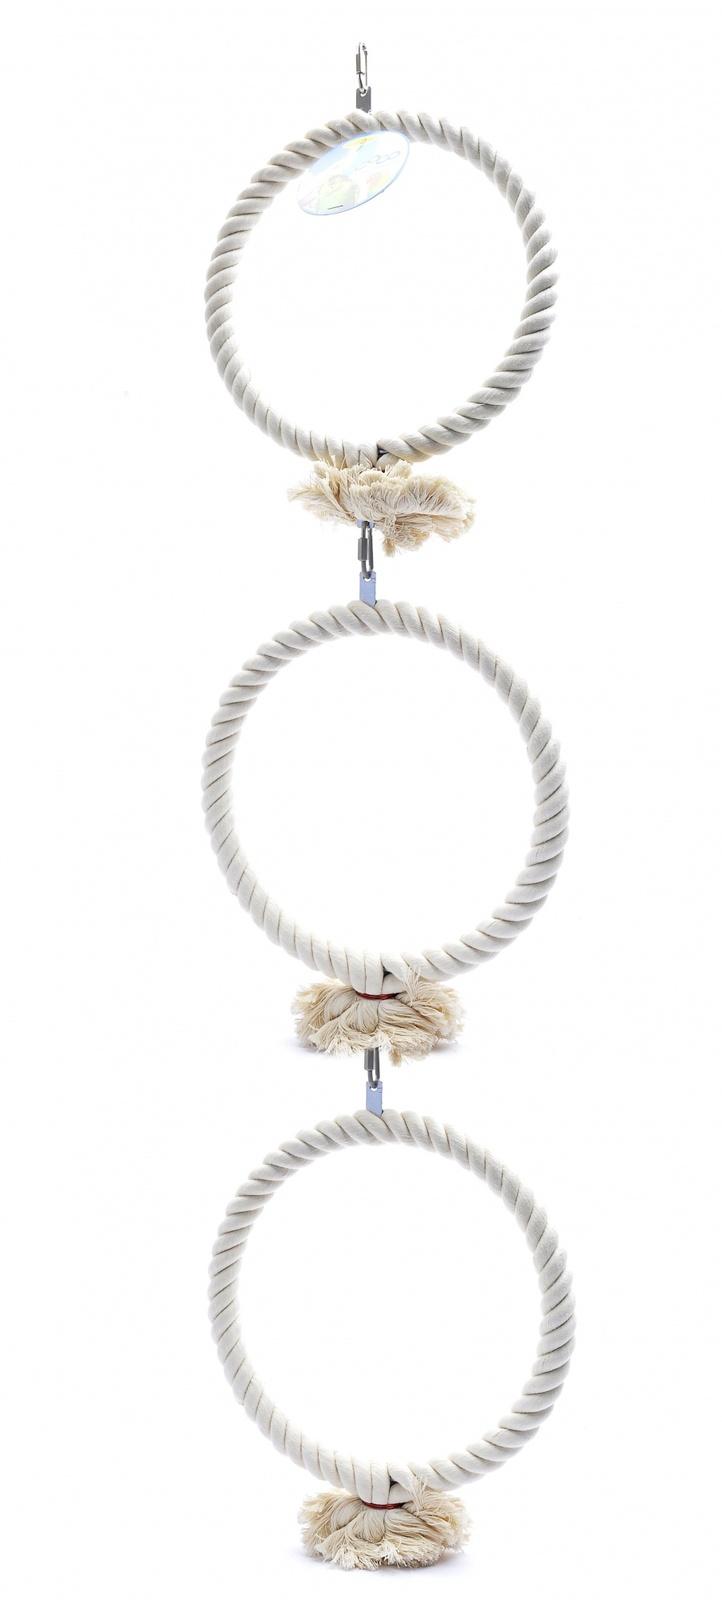 """Benelux Игрушка для попугаев """"Тройное кольцо"""" 3*22 см (Coco medium toy 3 rings) 14437 от Ravta"""